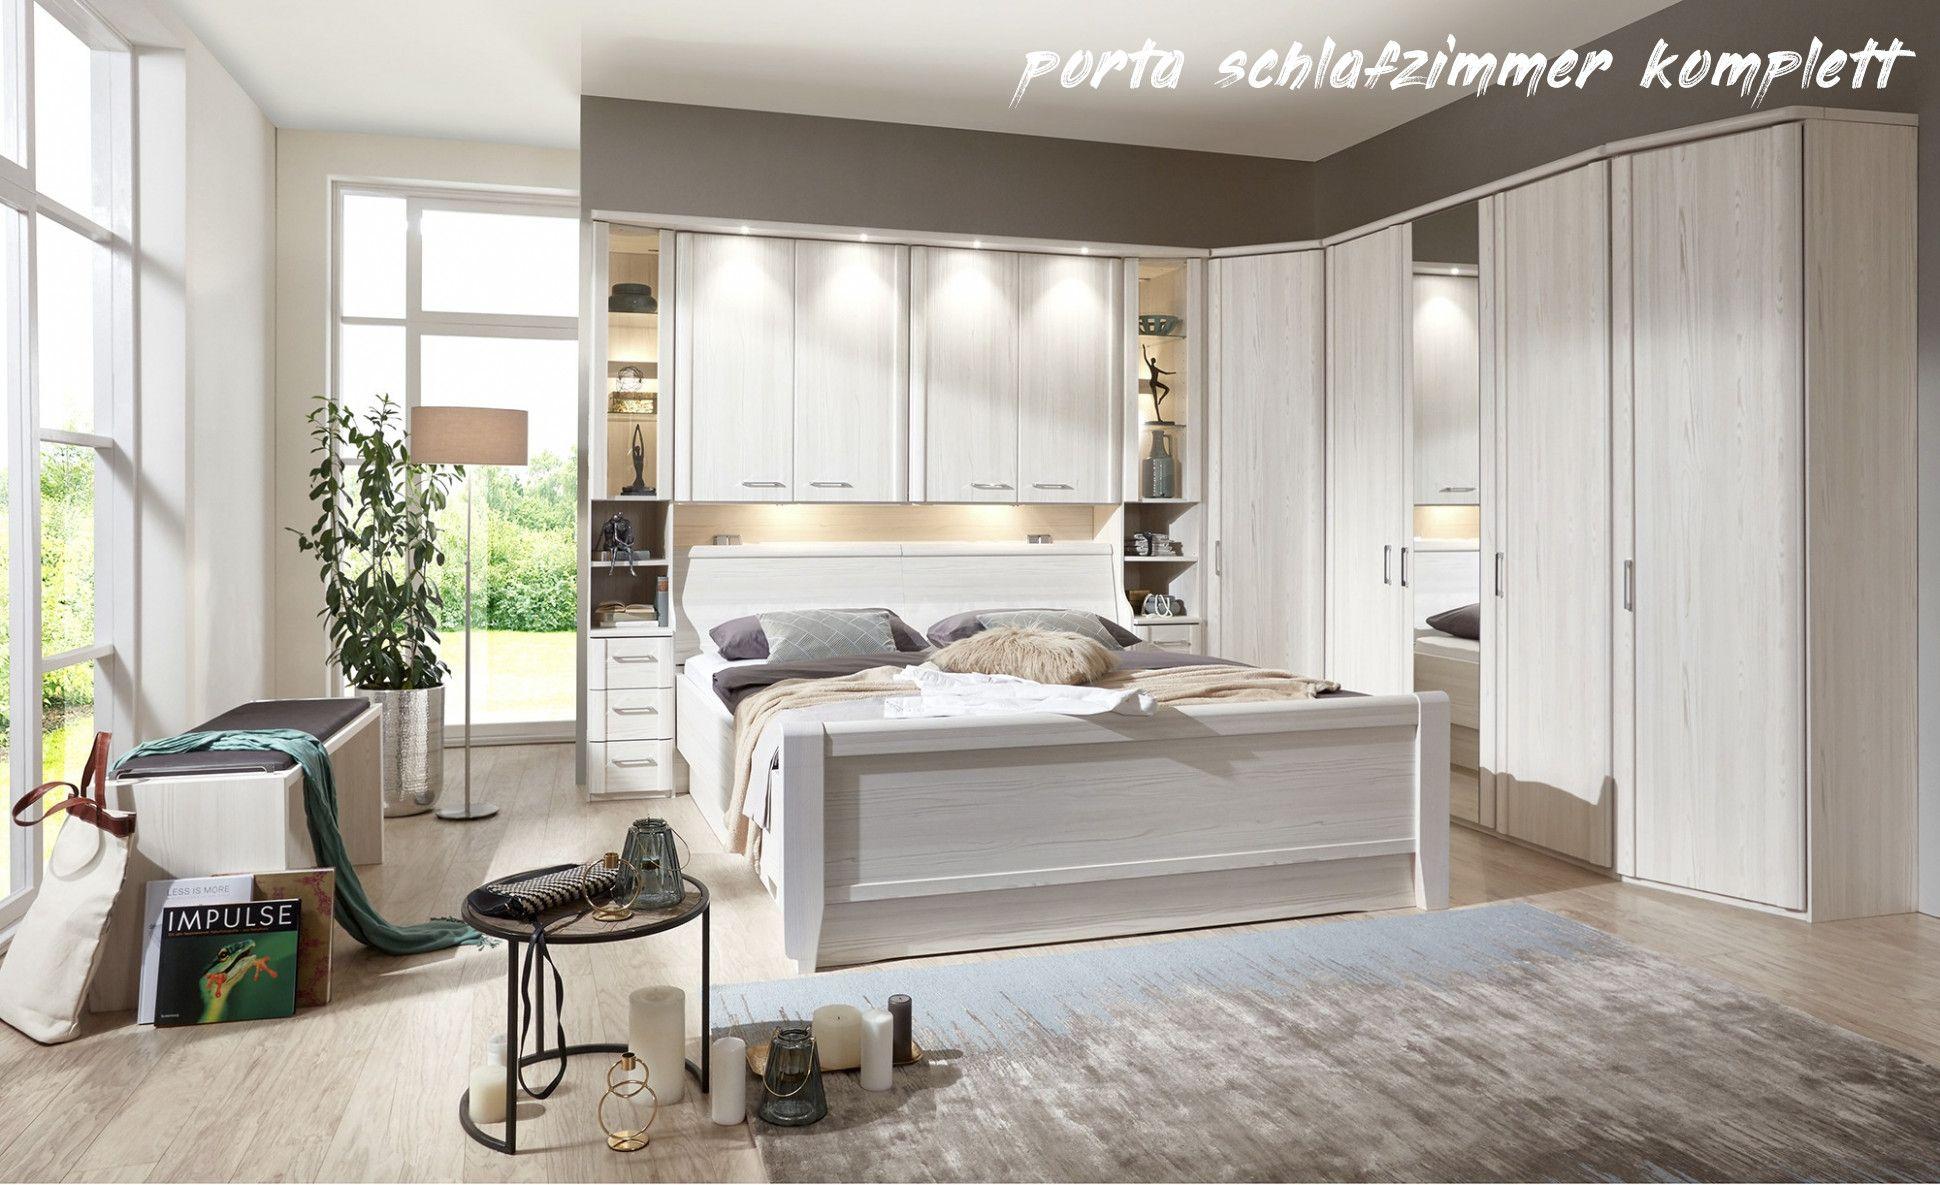 9 porta schlafzimmer komplett in 2020 | bedroom design